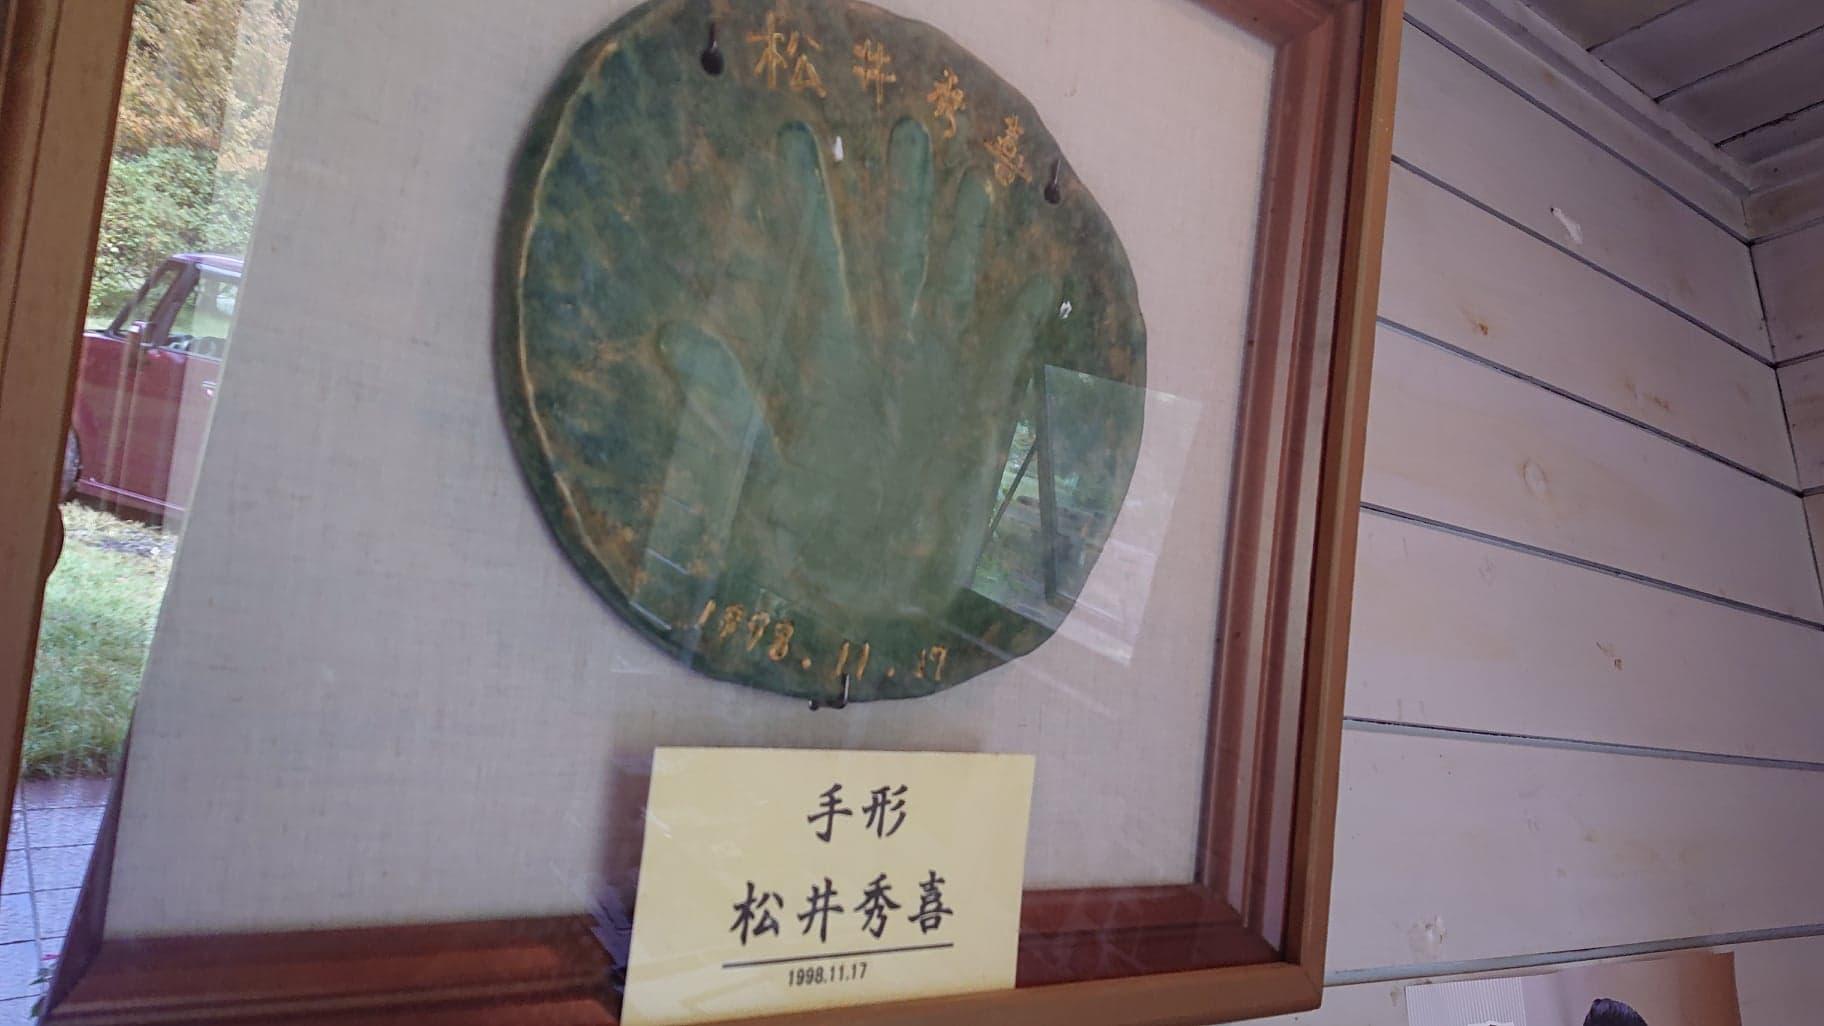 松井秀喜の手形